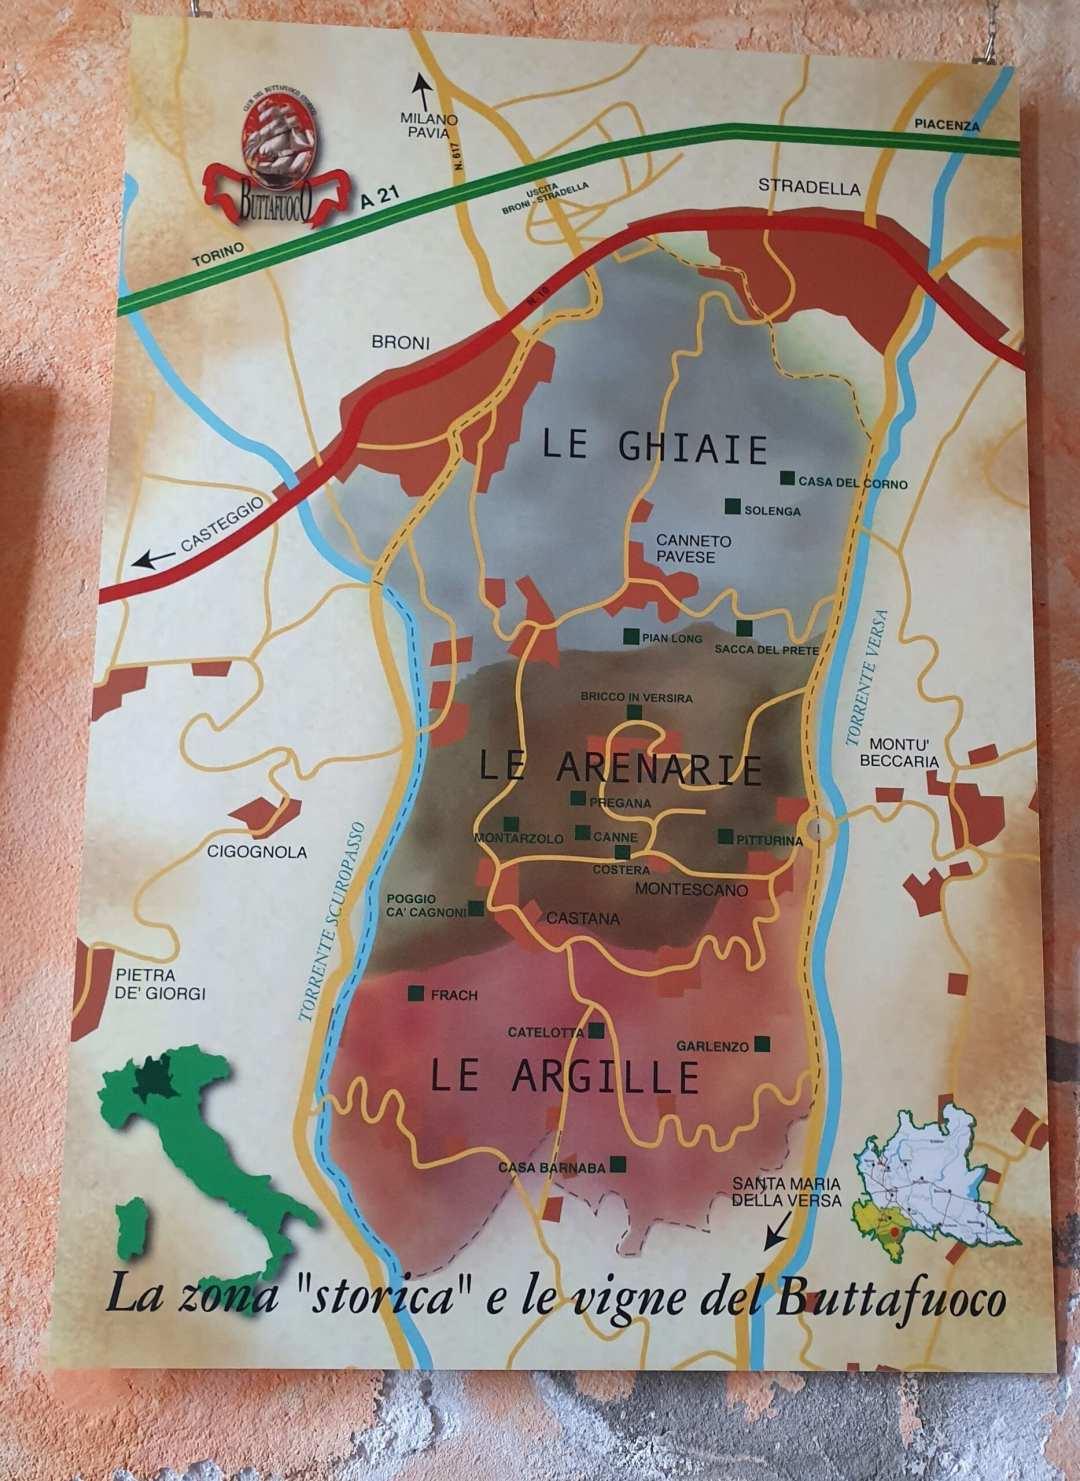 Mappa della zona del Buttafuoco nell'Oltrepò Pavese